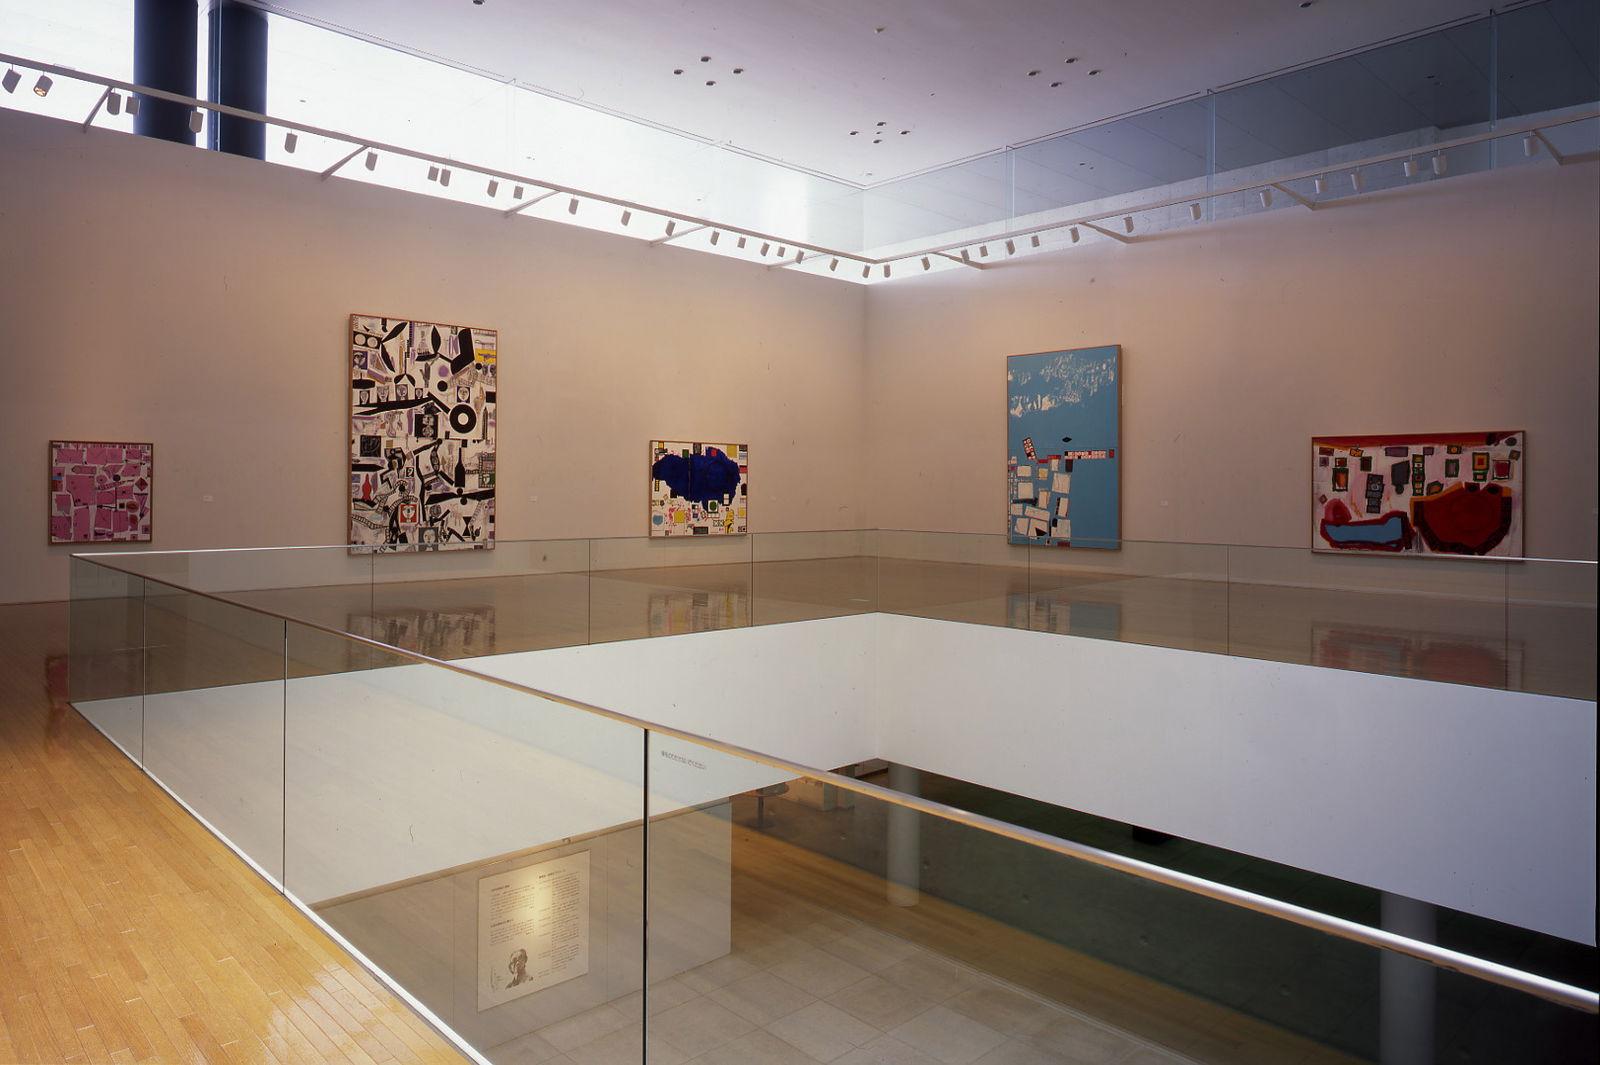 設計は建築家の谷口吉生氏。これが世界的に高い評価を受け、谷口氏がニューヨーク近代美術館MoMAの設計計画を手がけるきっかけともなりました(撮影:山本糾)